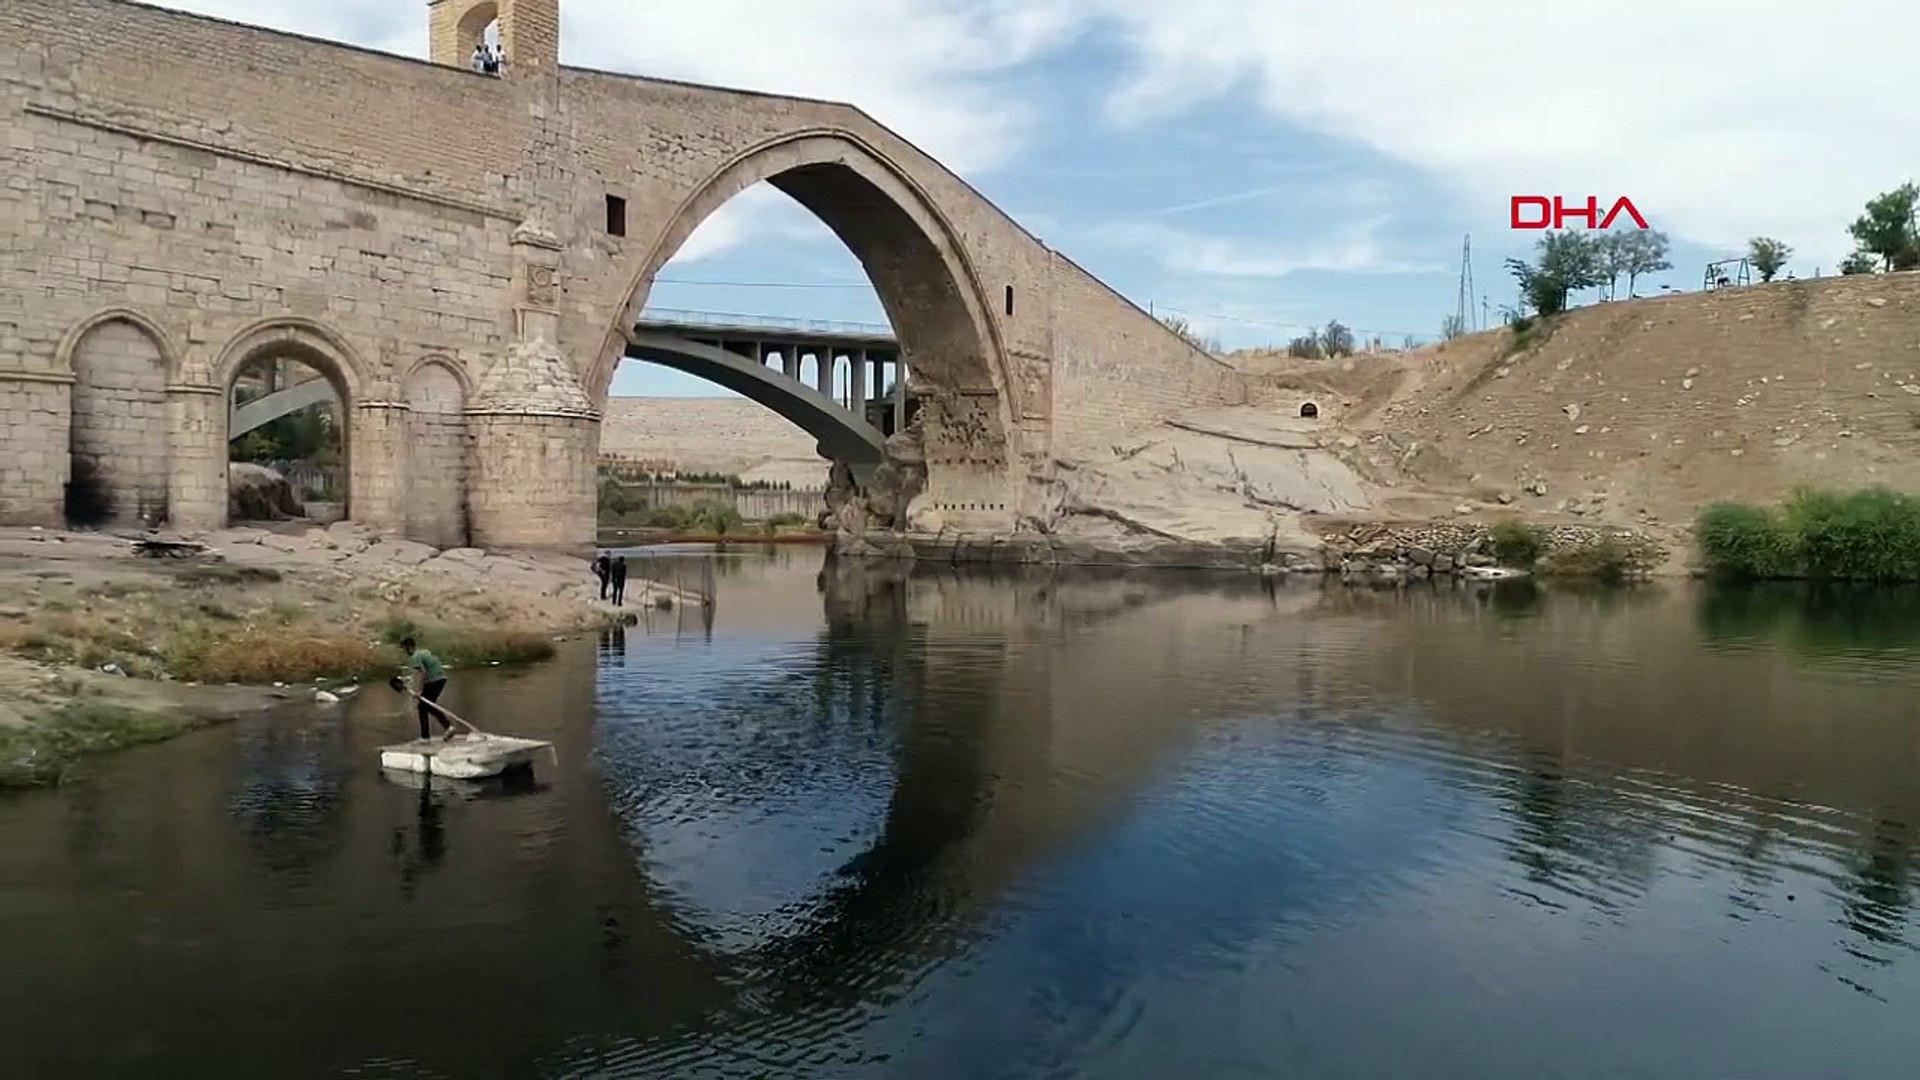 Türkiye'nin UNESCO listesindeki tarihine büyük ihanet